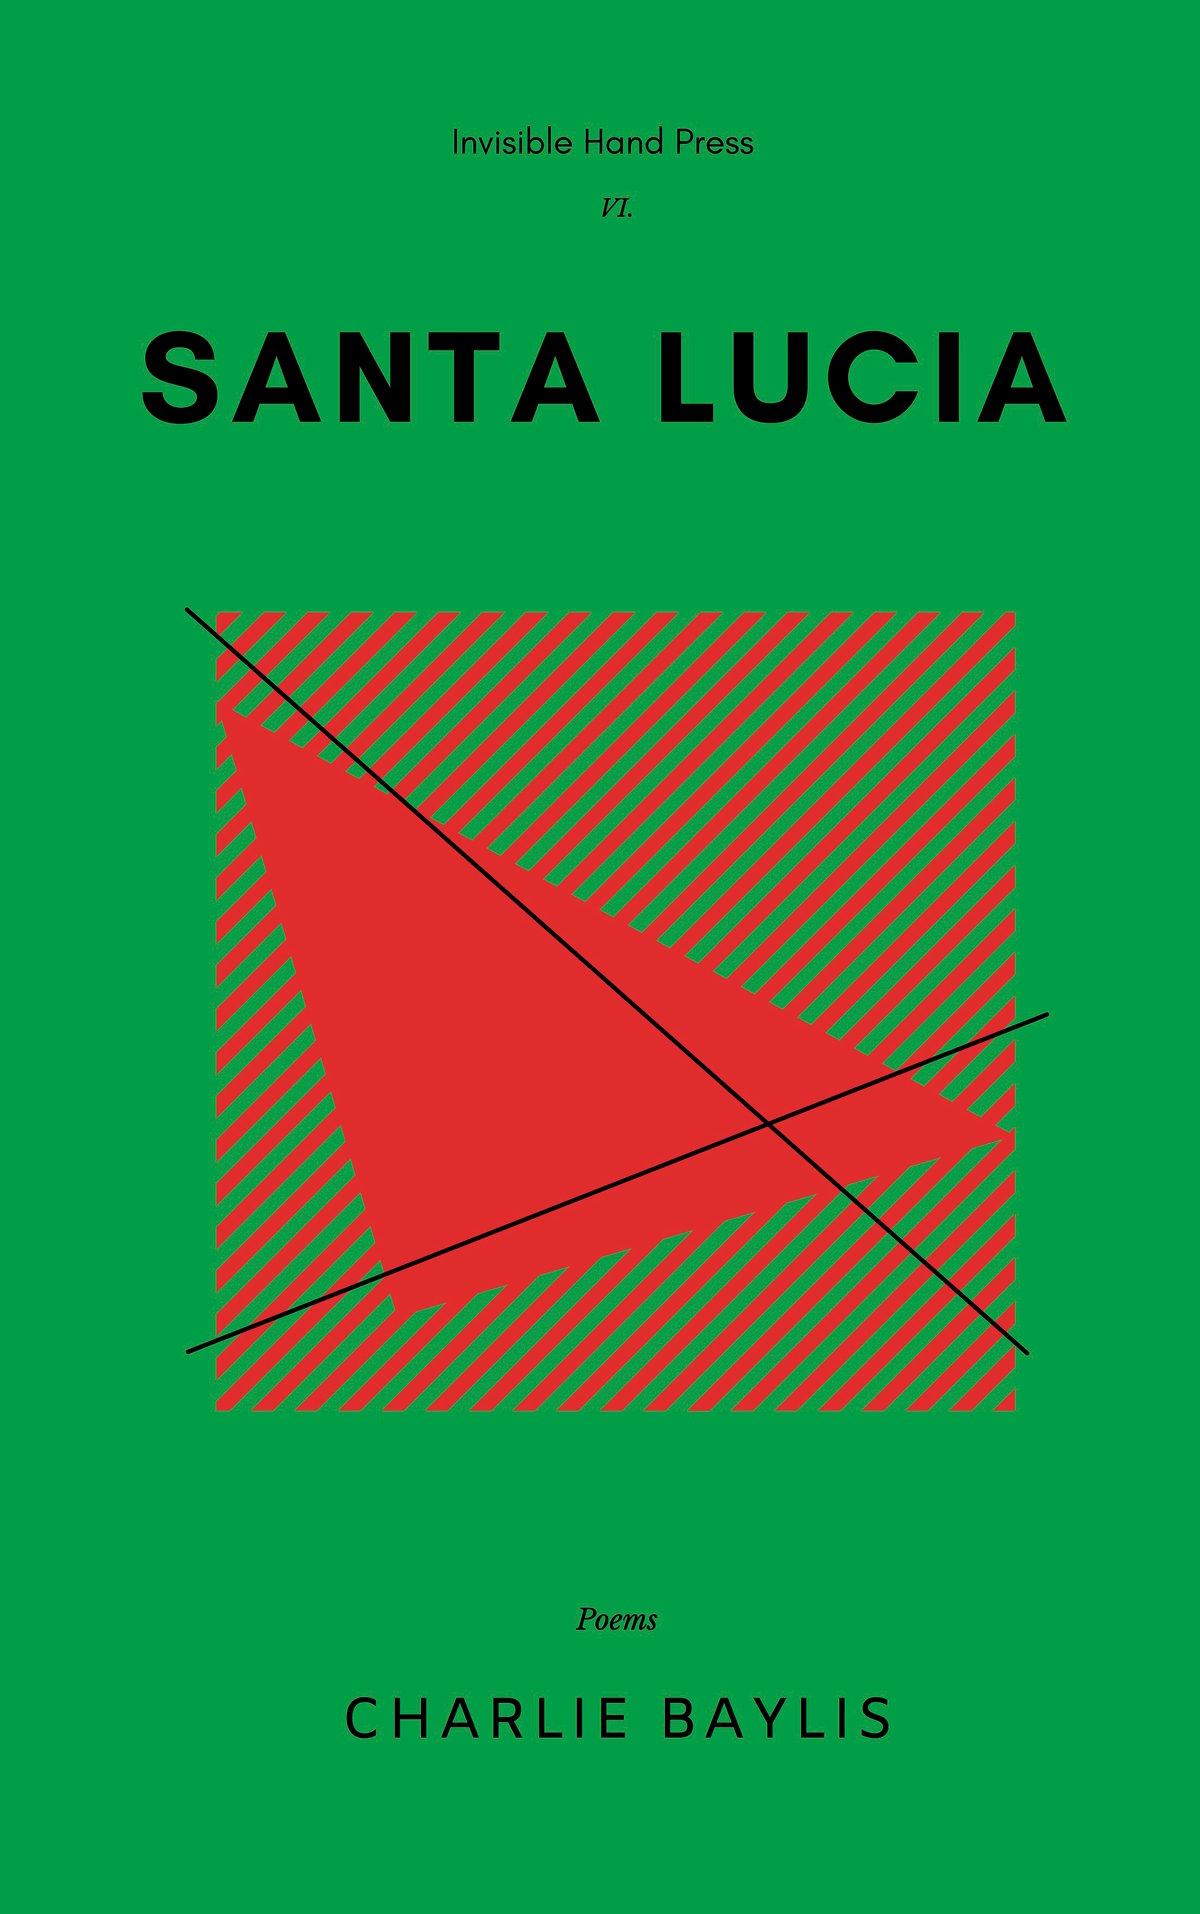 Image of Santa Lucía by Charlie Baylis - PUBLISHED 24 JUNE 2021